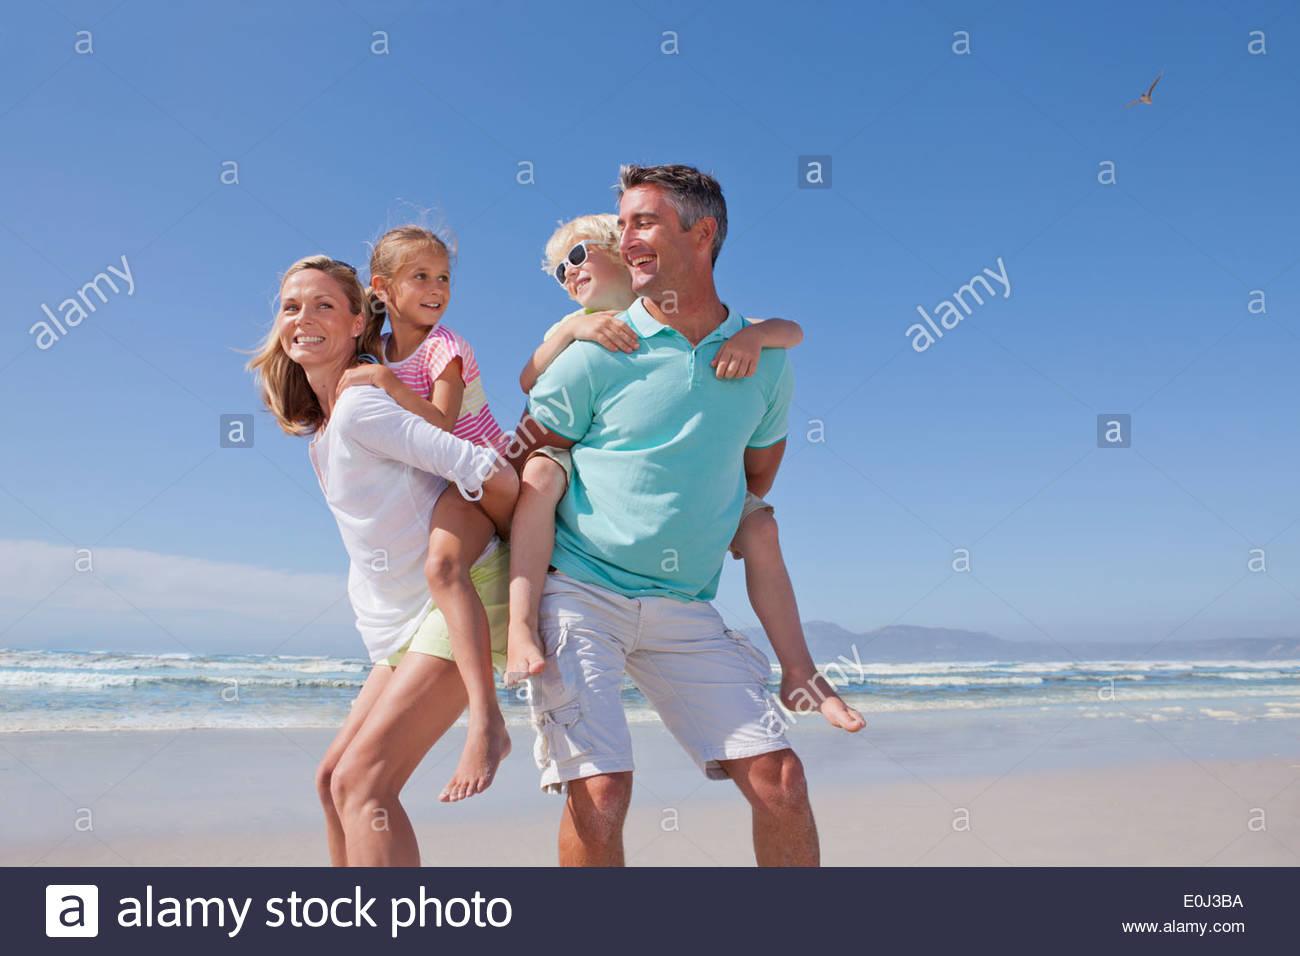 Los padres aprovechar los niños en sunny beach Imagen De Stock